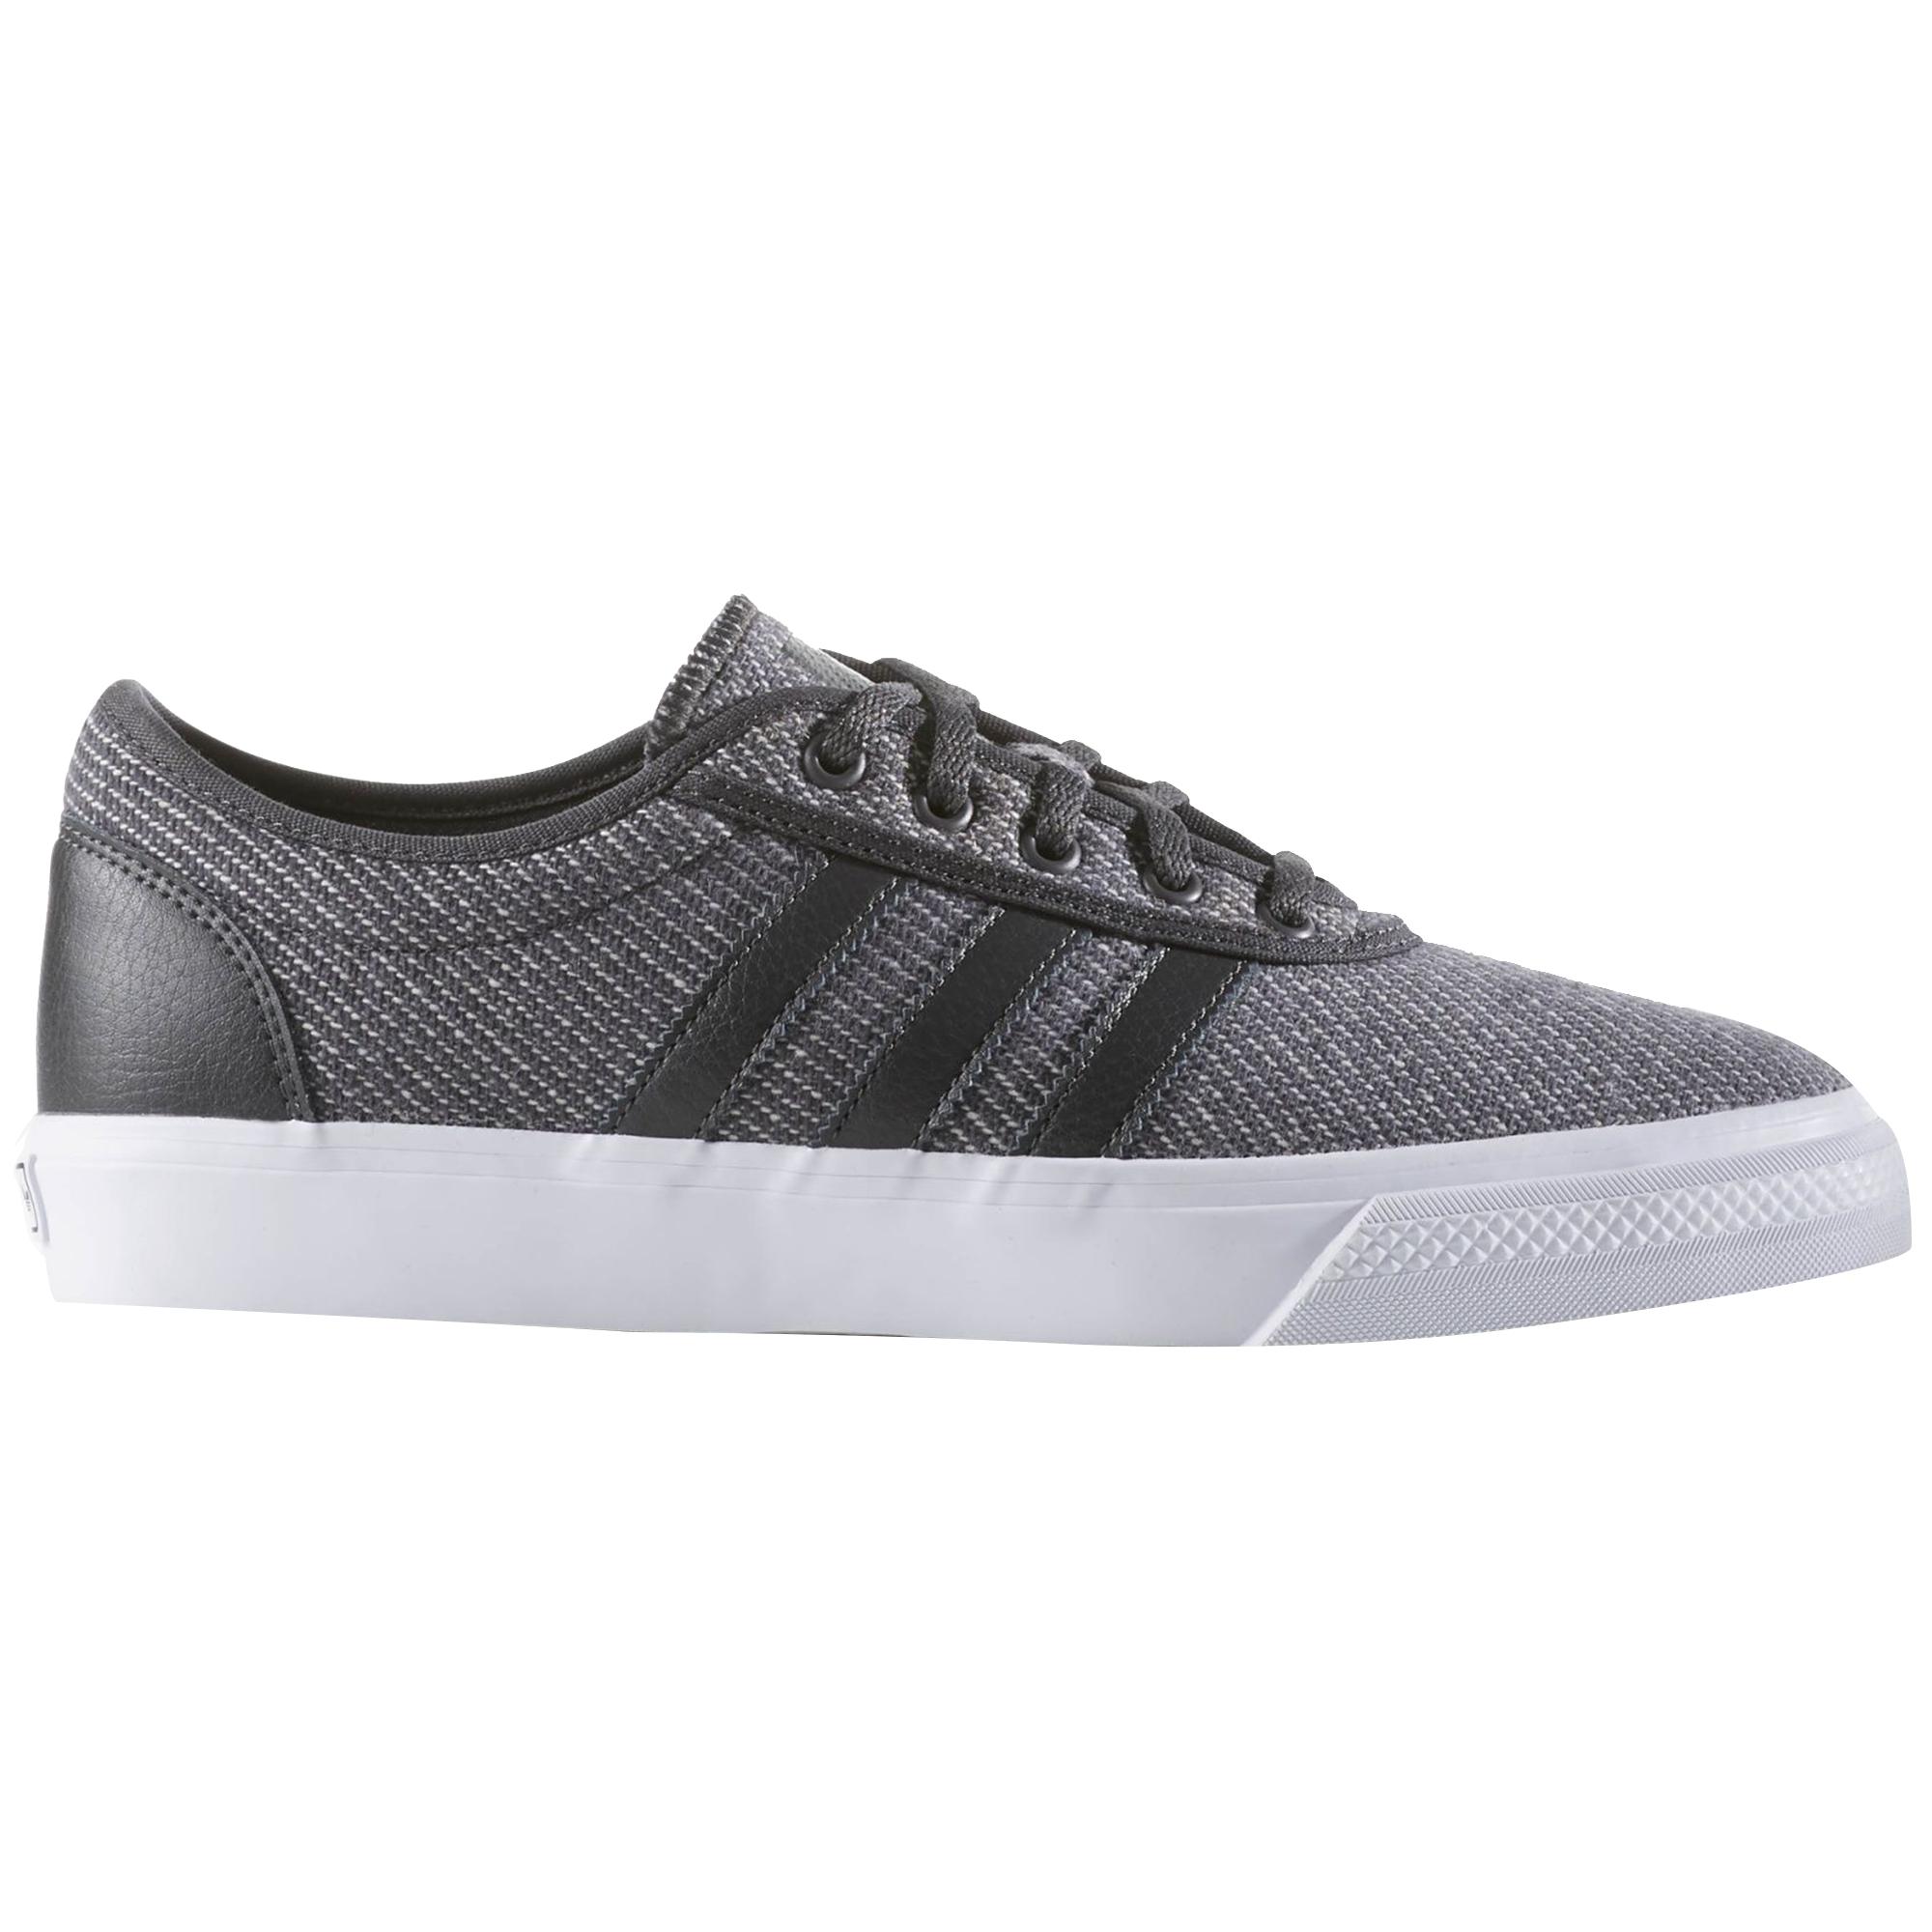 adidas ADI-EASE Erkek Spor Ayakkabı